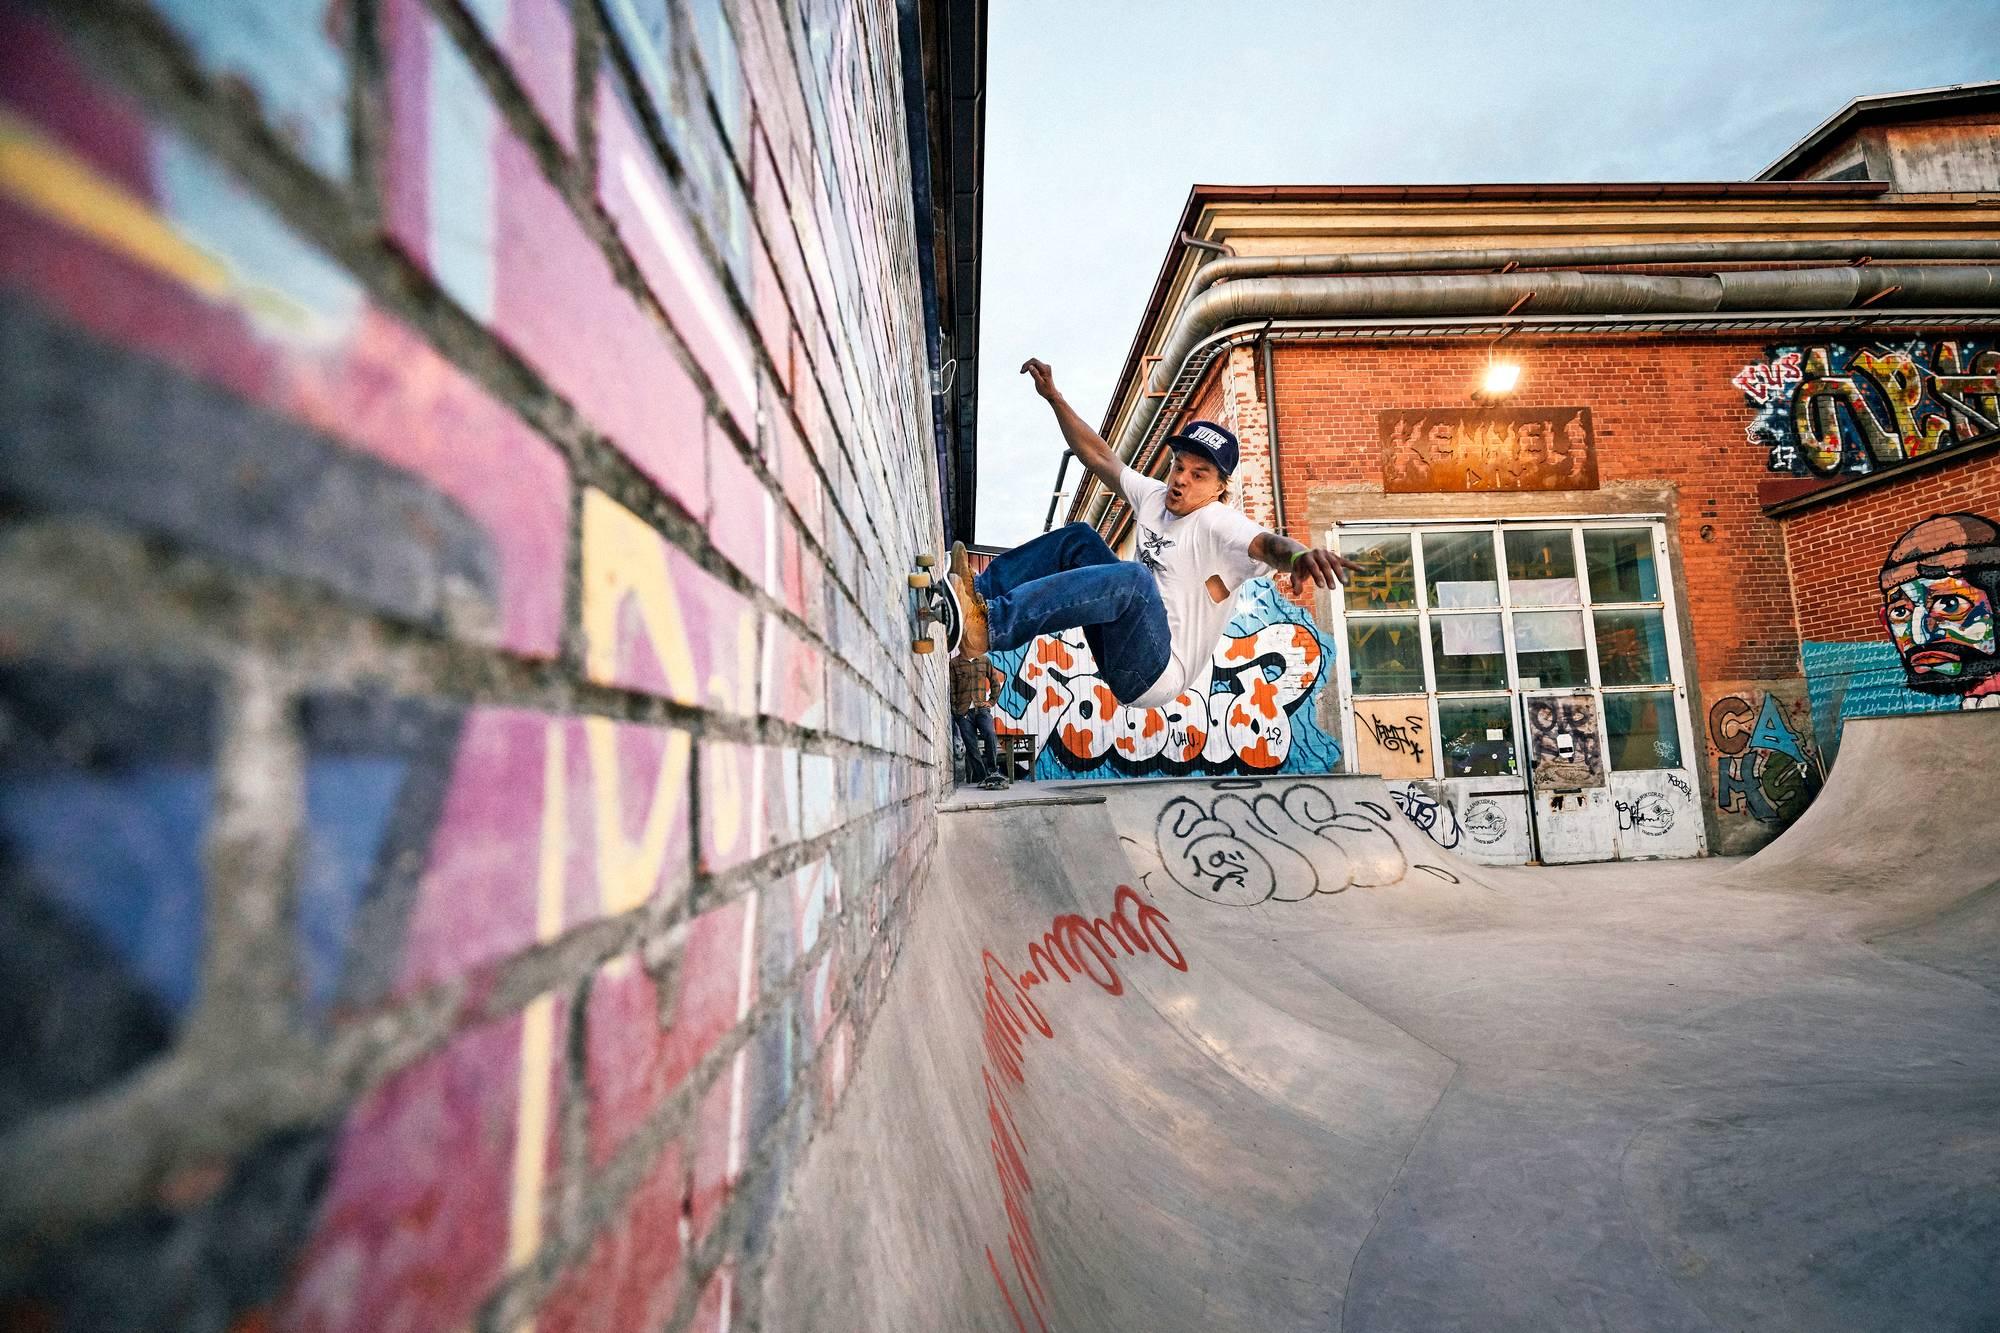 Tommi Matalamäki tekee wallriden seinää pitkin Kennelin ulkopoolissa.